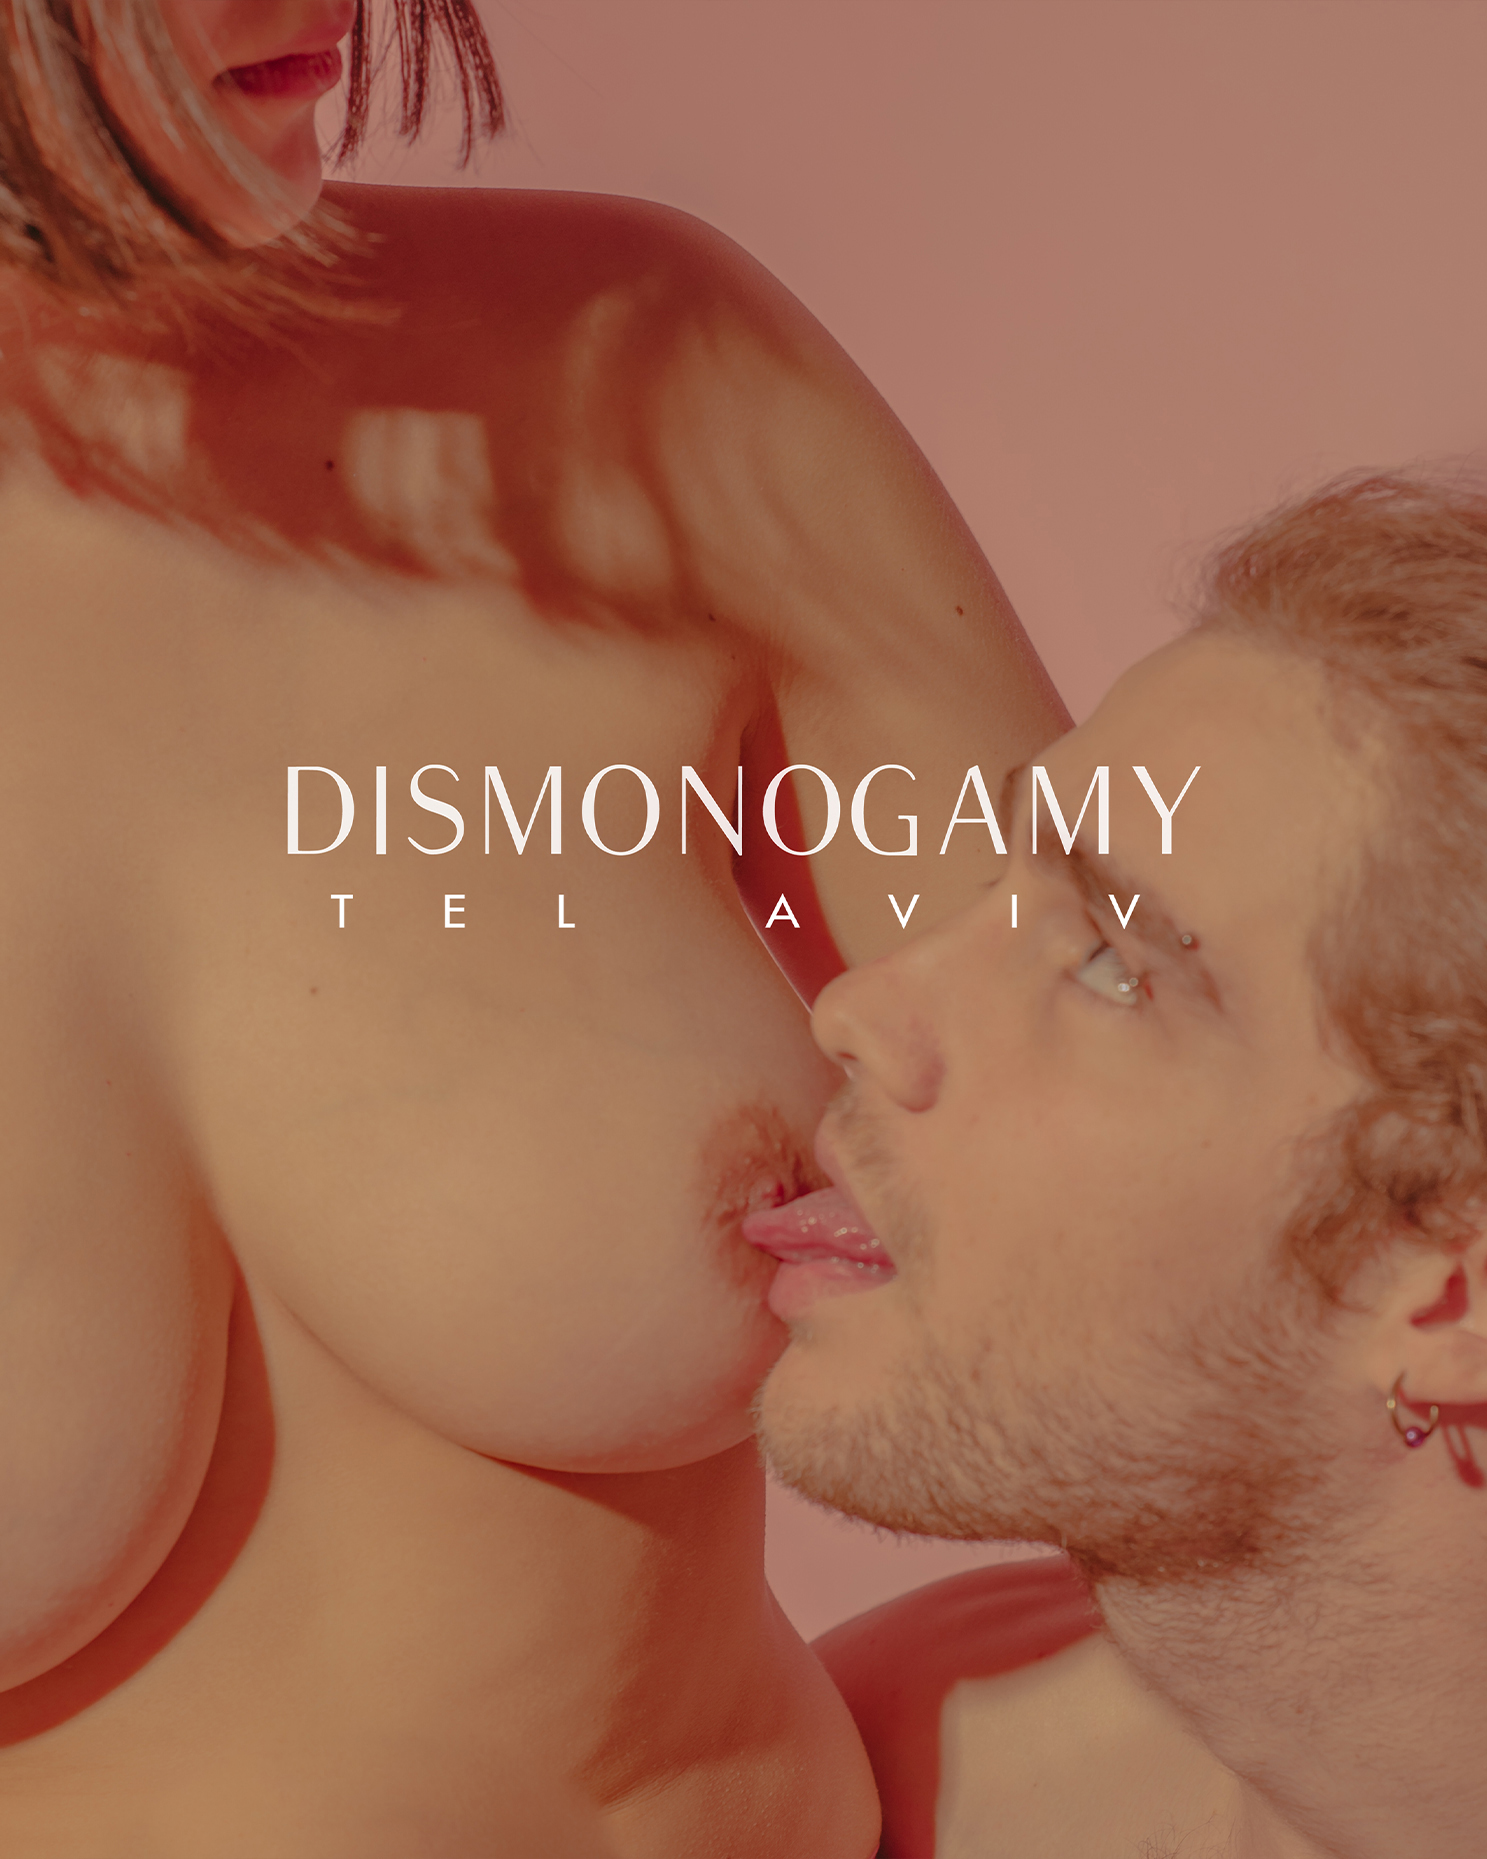 Dismonogamy